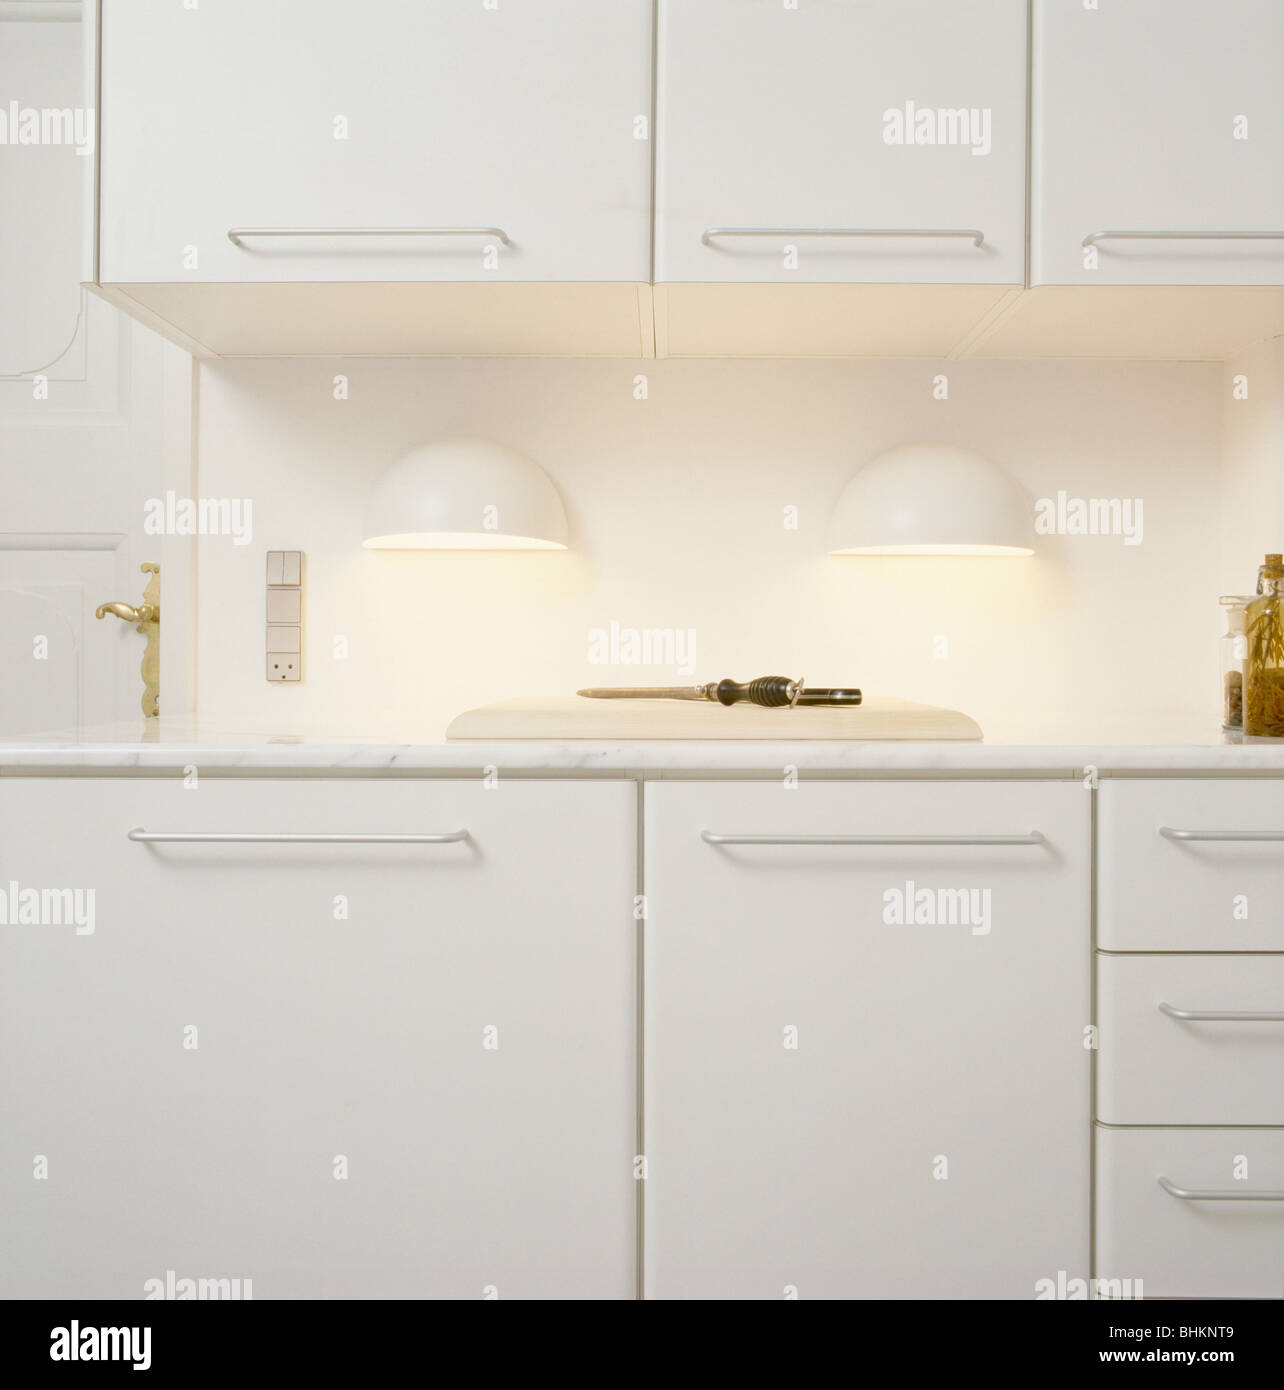 Beste Küche Schiene Uk Beleuchtung Galerie - Küchen Design Ideen ...